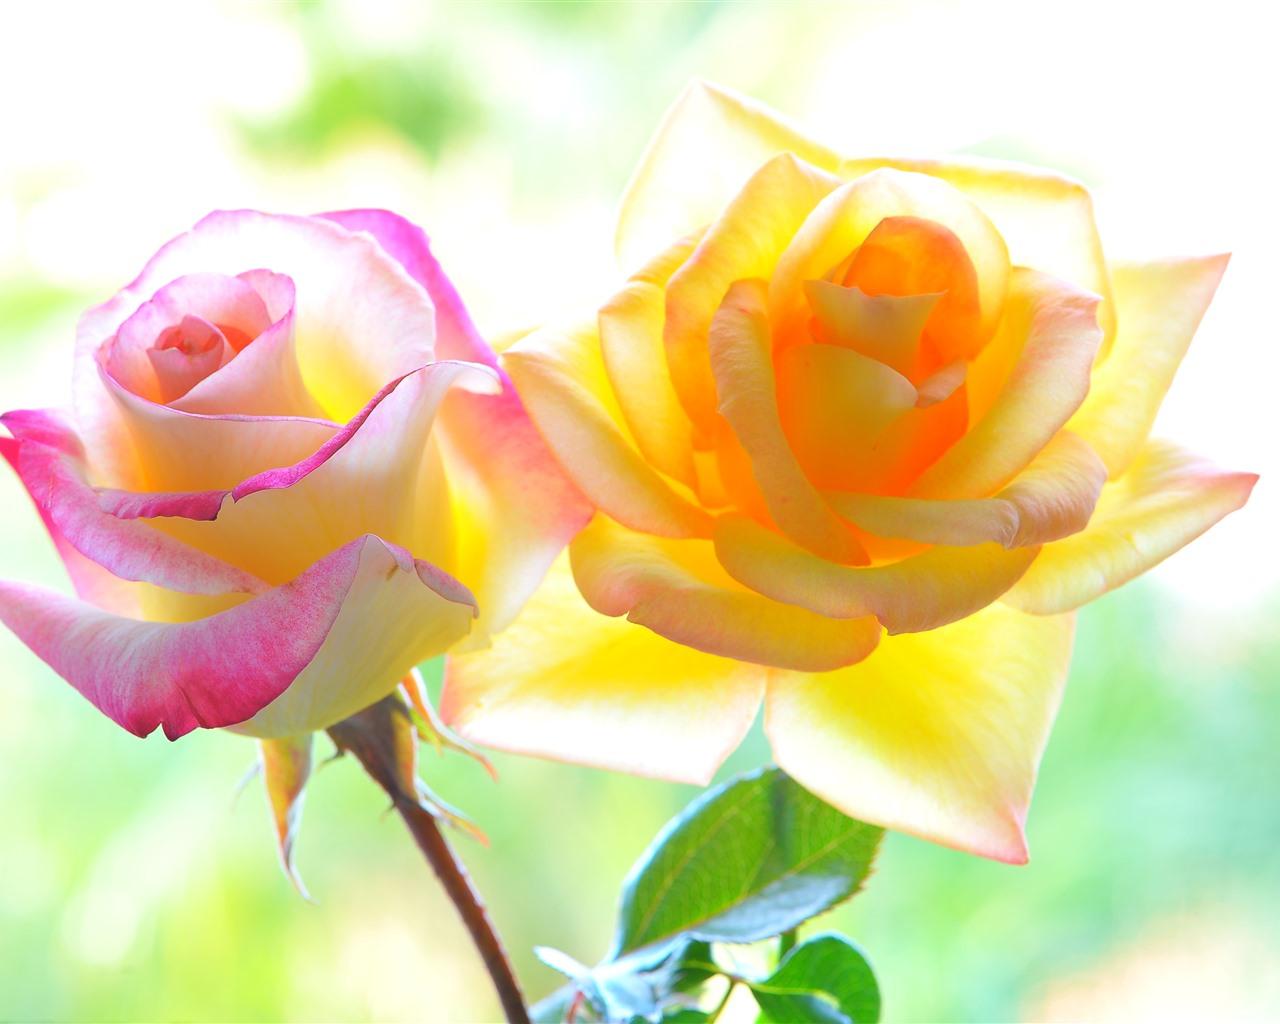 желто-розовые розы картинки обустройства вентиляции частном